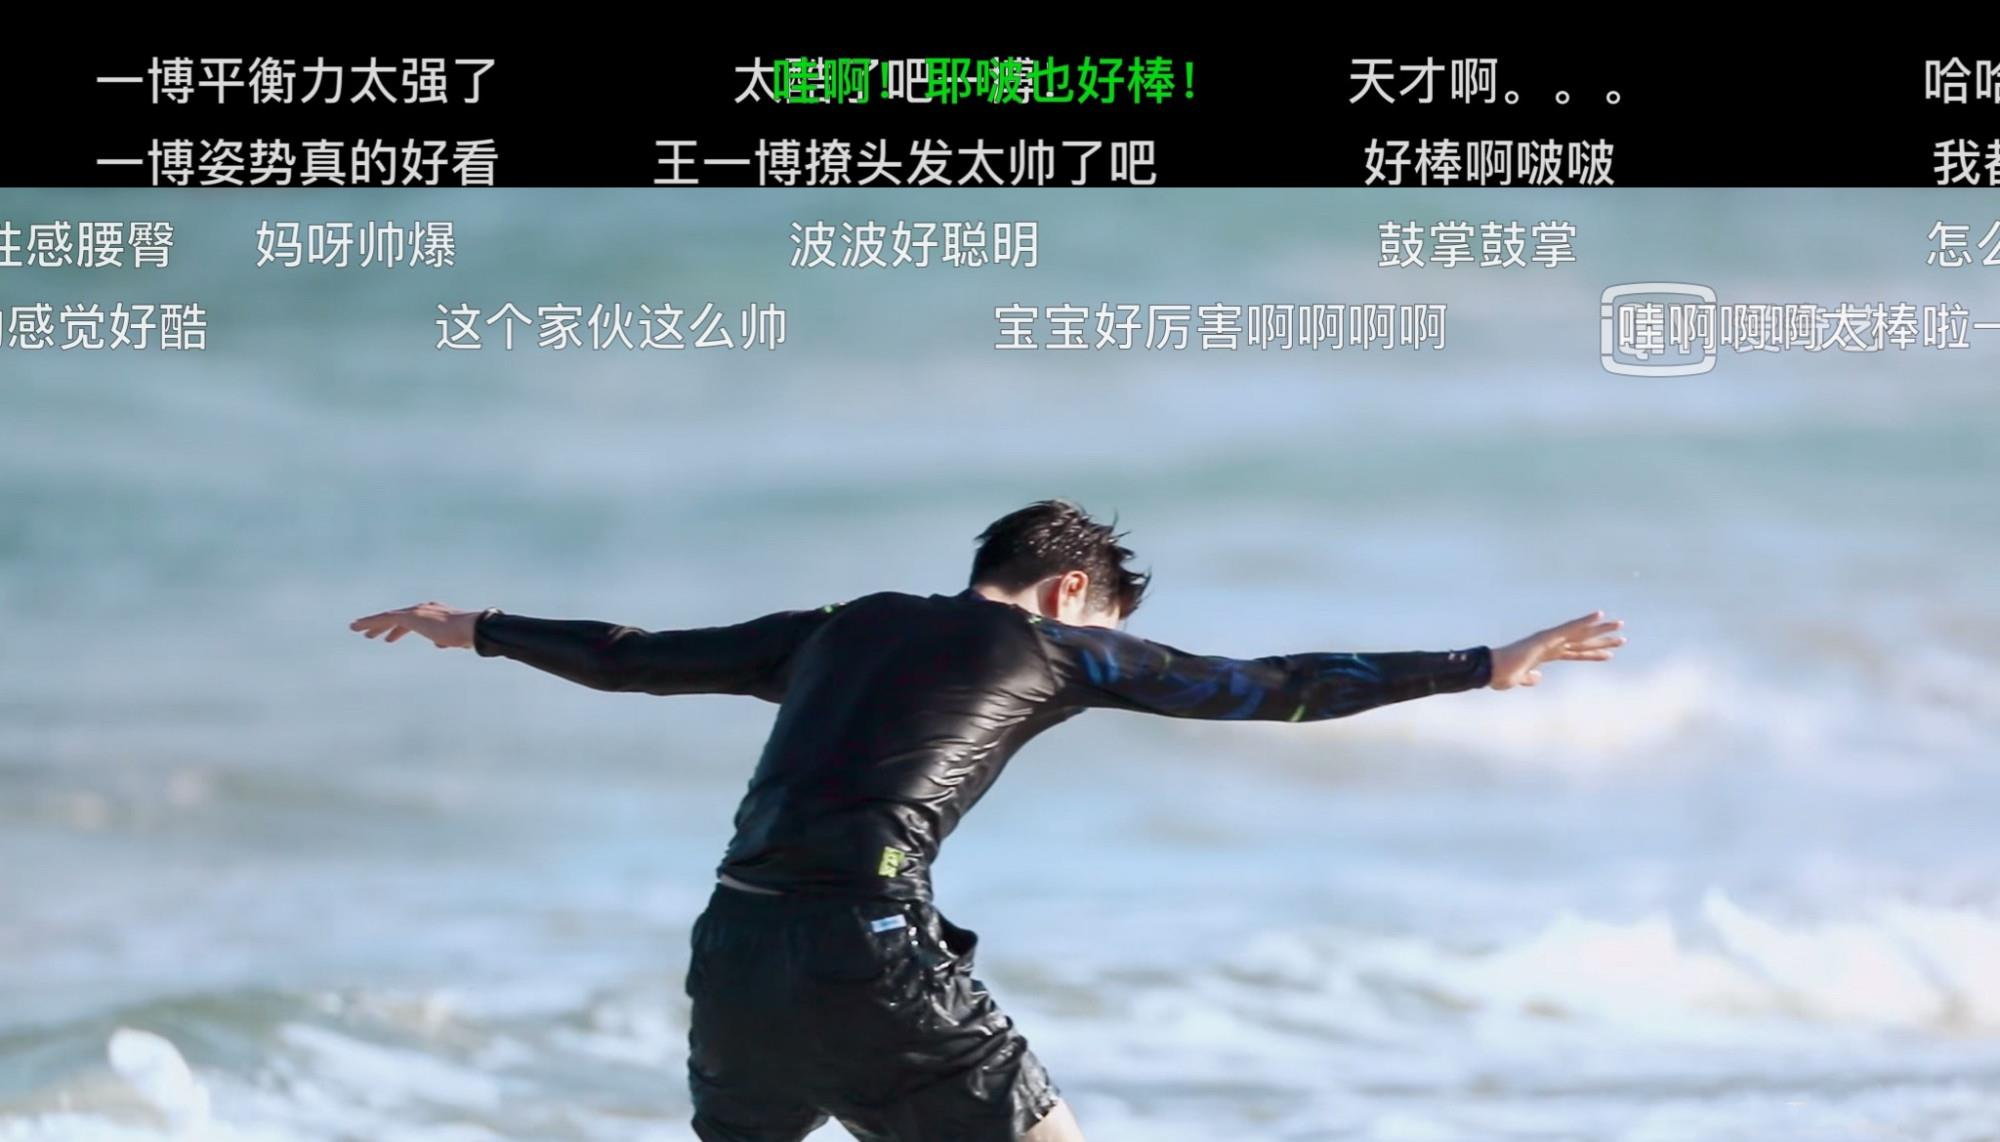 王一博在海上放飞自我,黄轩:管不住了  手游热点  第6张